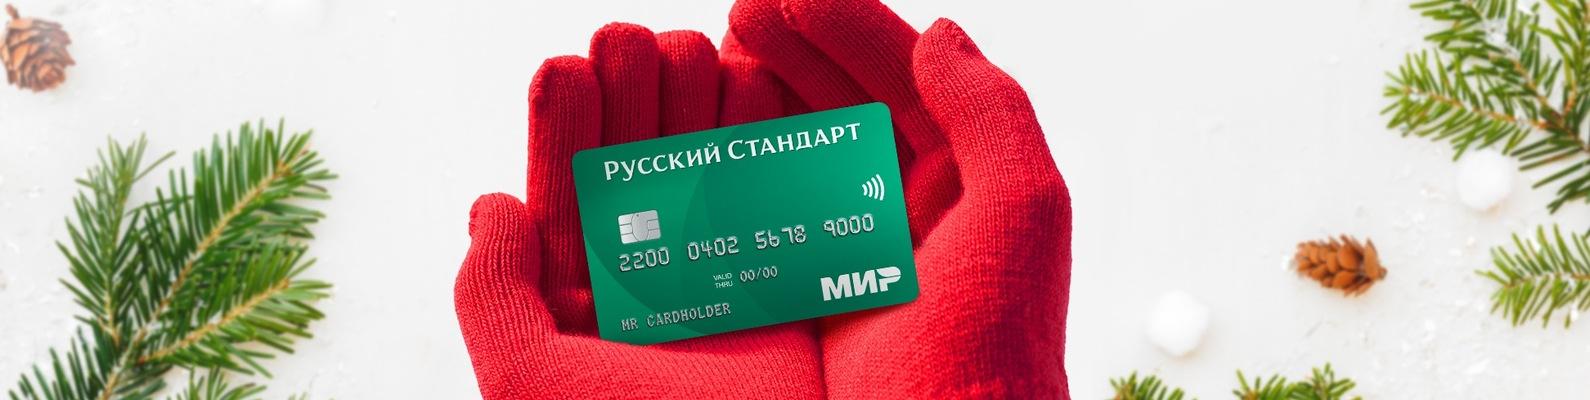 Калькулятор пеней по кредиту